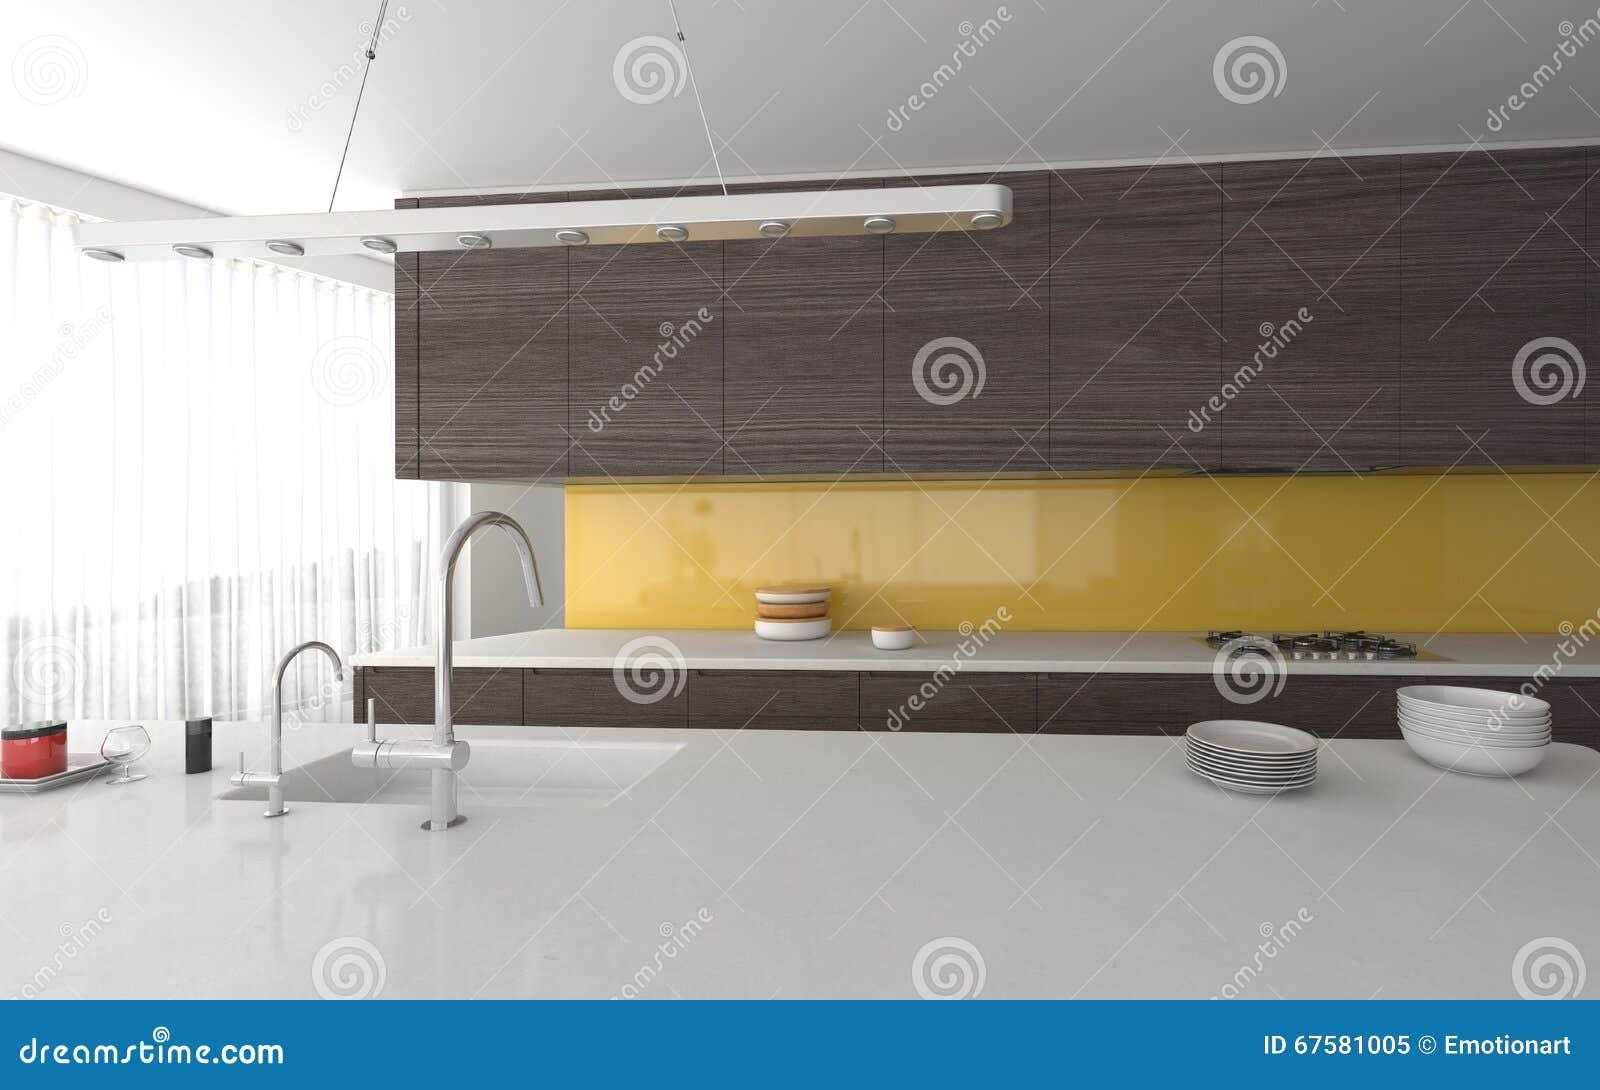 Cucina bianca lucida e grigio piano - Piastrelle per cucina bianca lucida ...